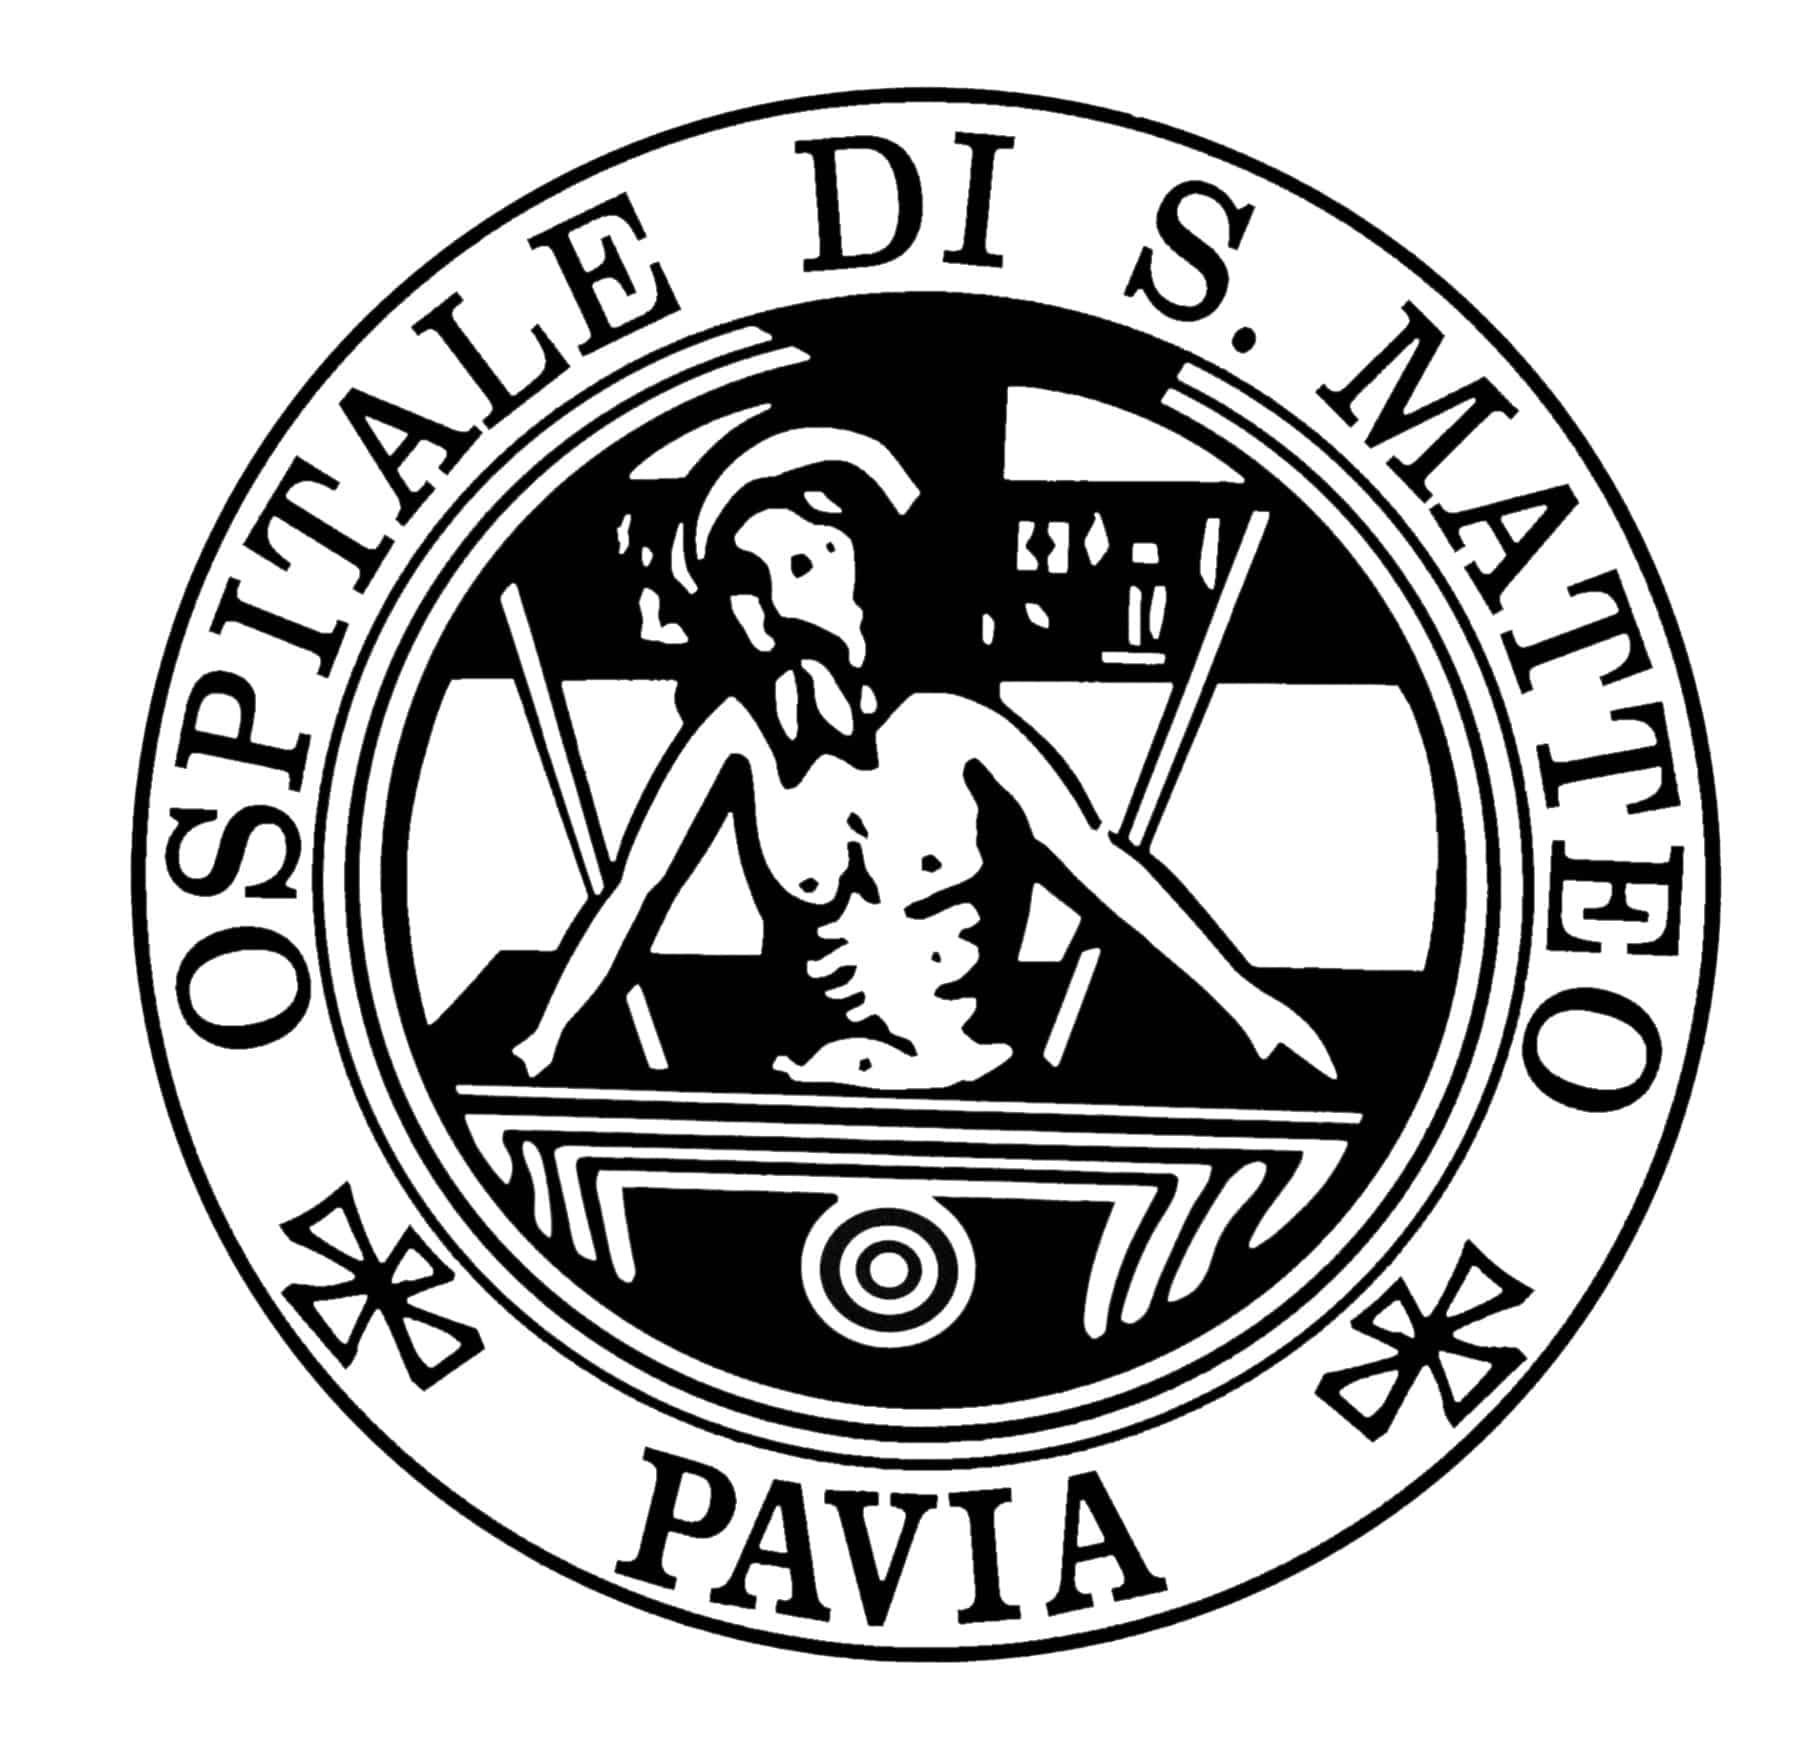 San Matteo Pavia logo.